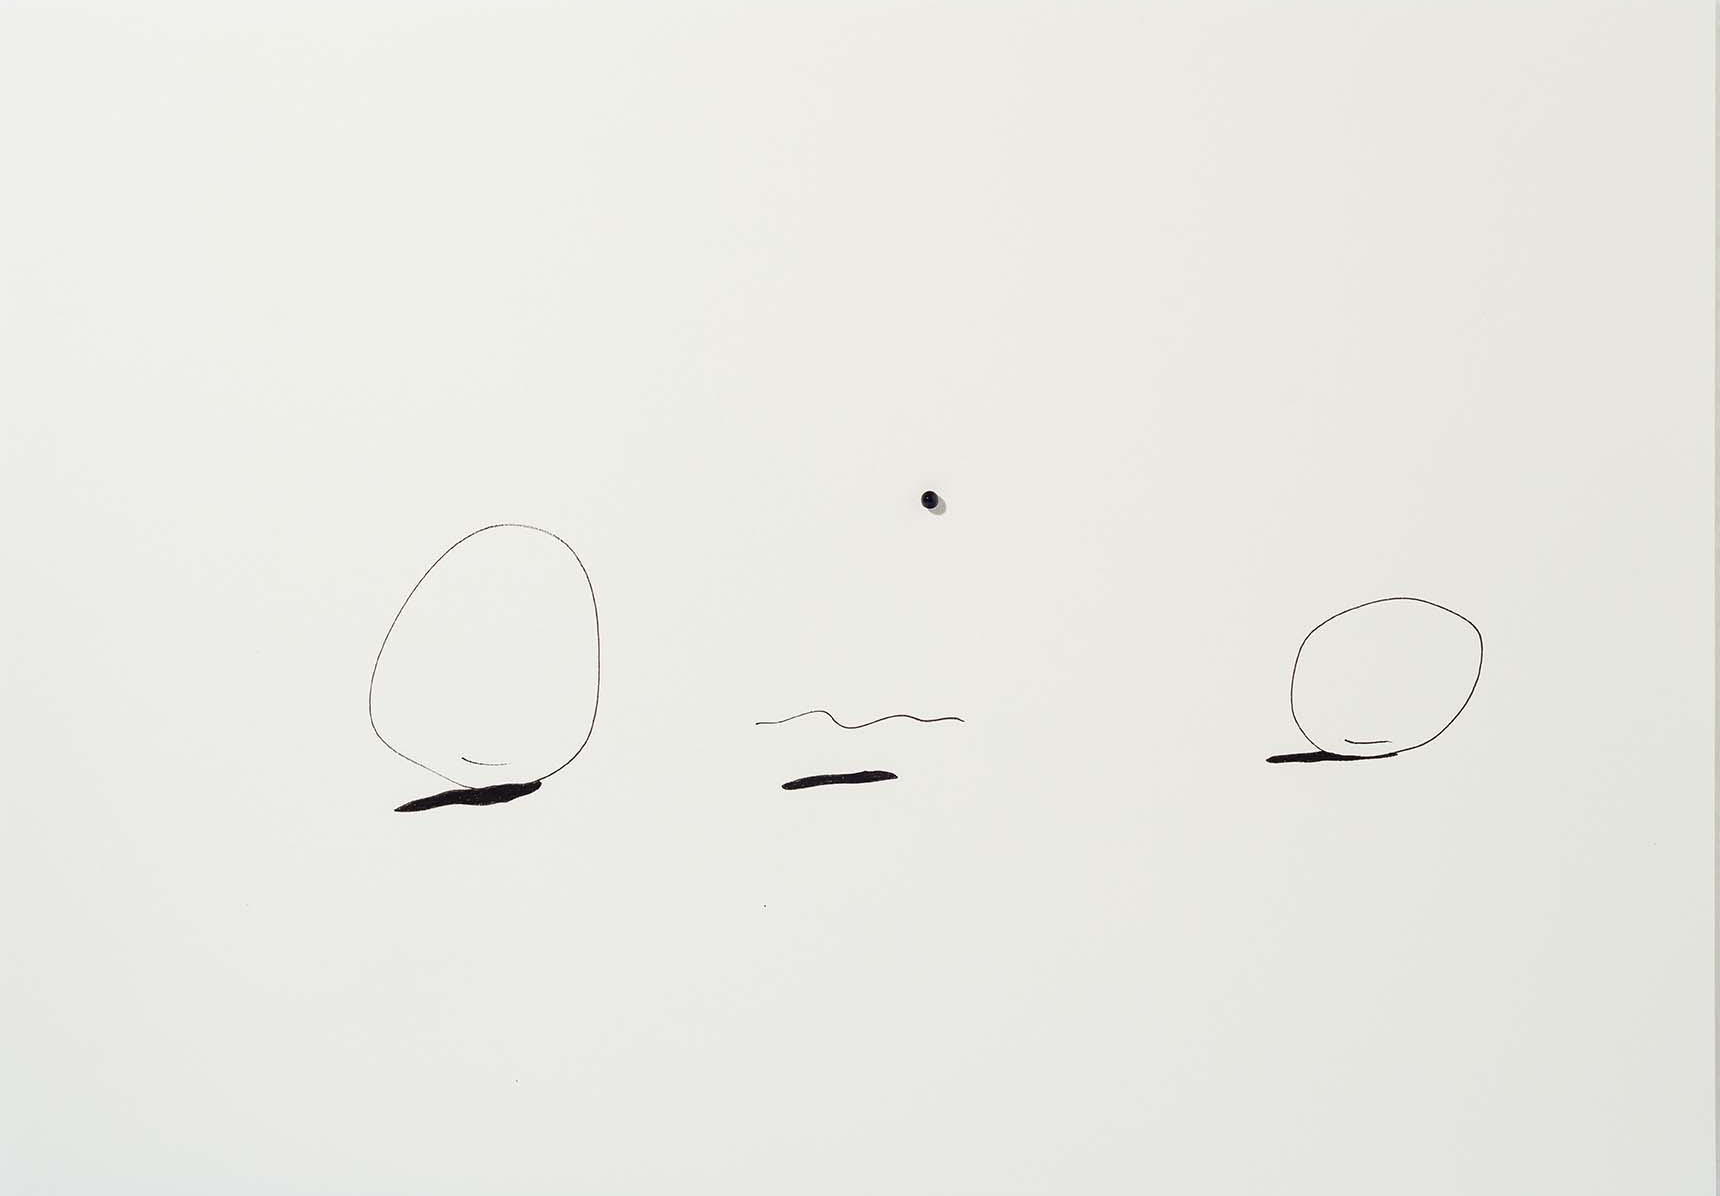 Copy of Sem título | 2015 | desenho | nanquim e resina sobre papel| 29,5 x 42 x 0,6 cm (sem moldura) | 45 x 57 x 5,5 cm (com moldura)